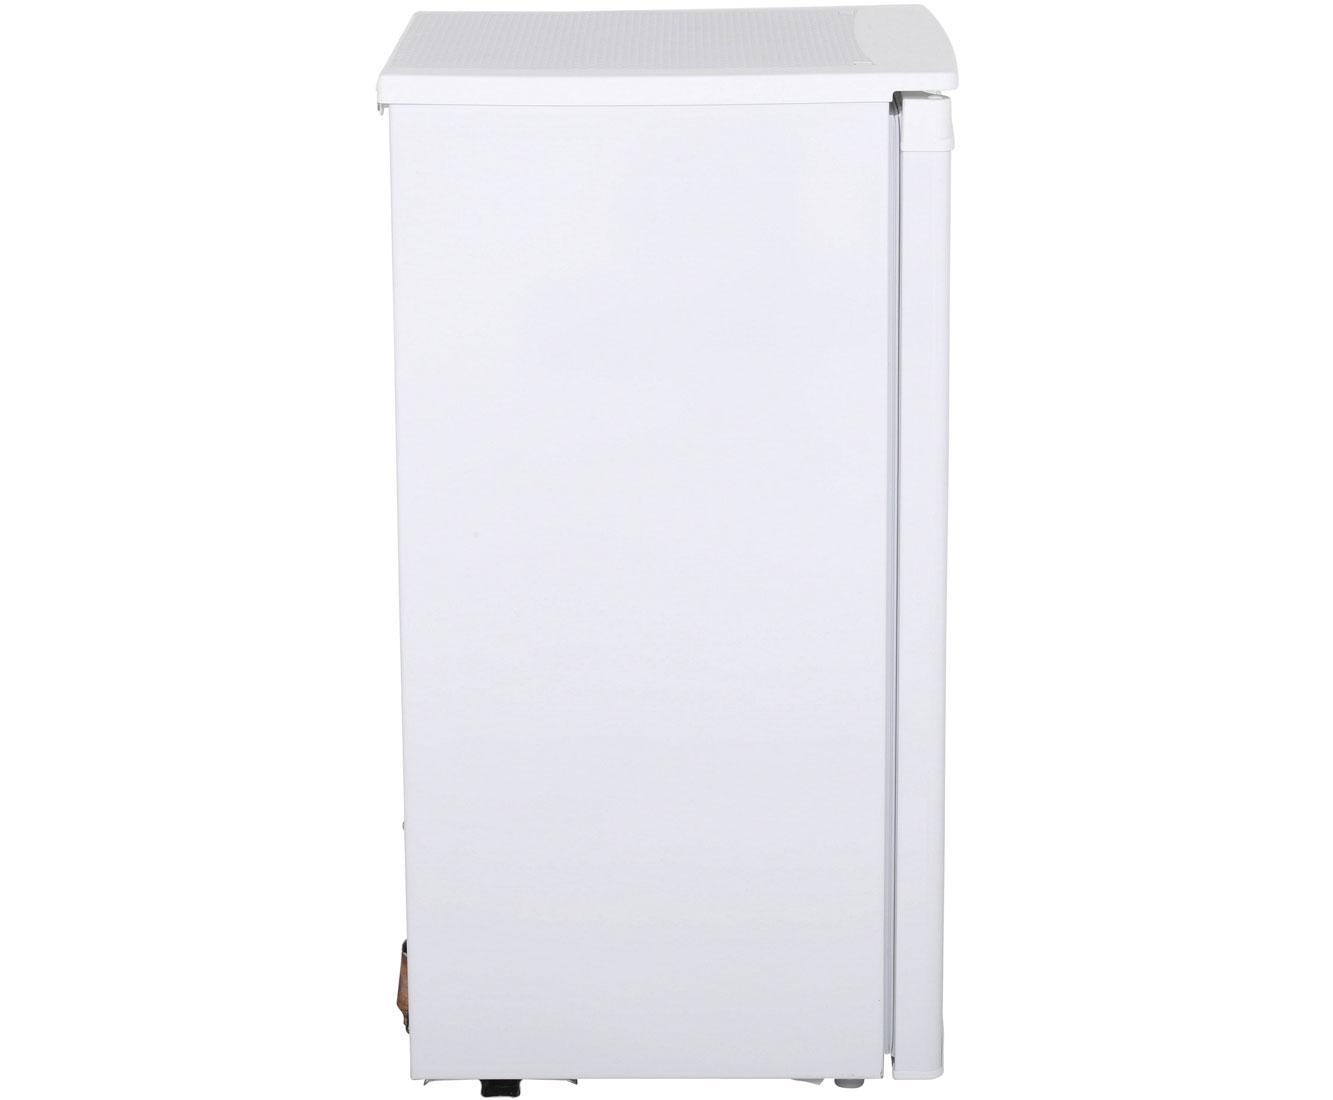 Kühlschrank Exquisit : Exquisit ks rva kühlschrank freistehend cm weiss neu